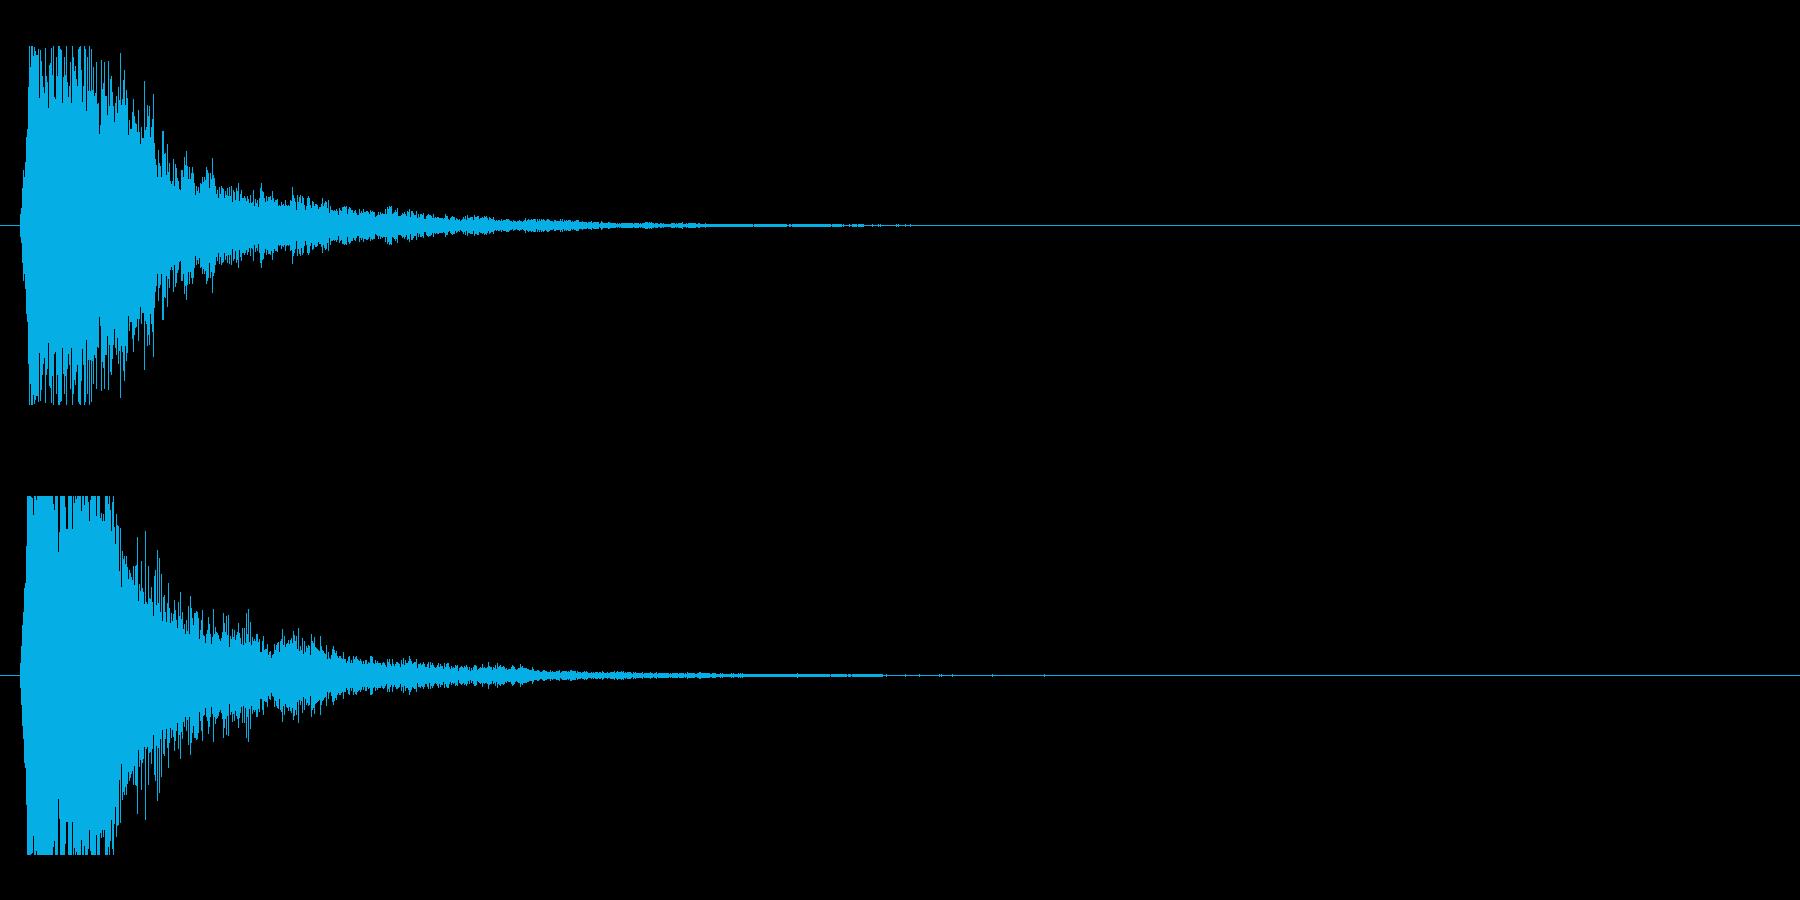 レーザー音-49-1の再生済みの波形